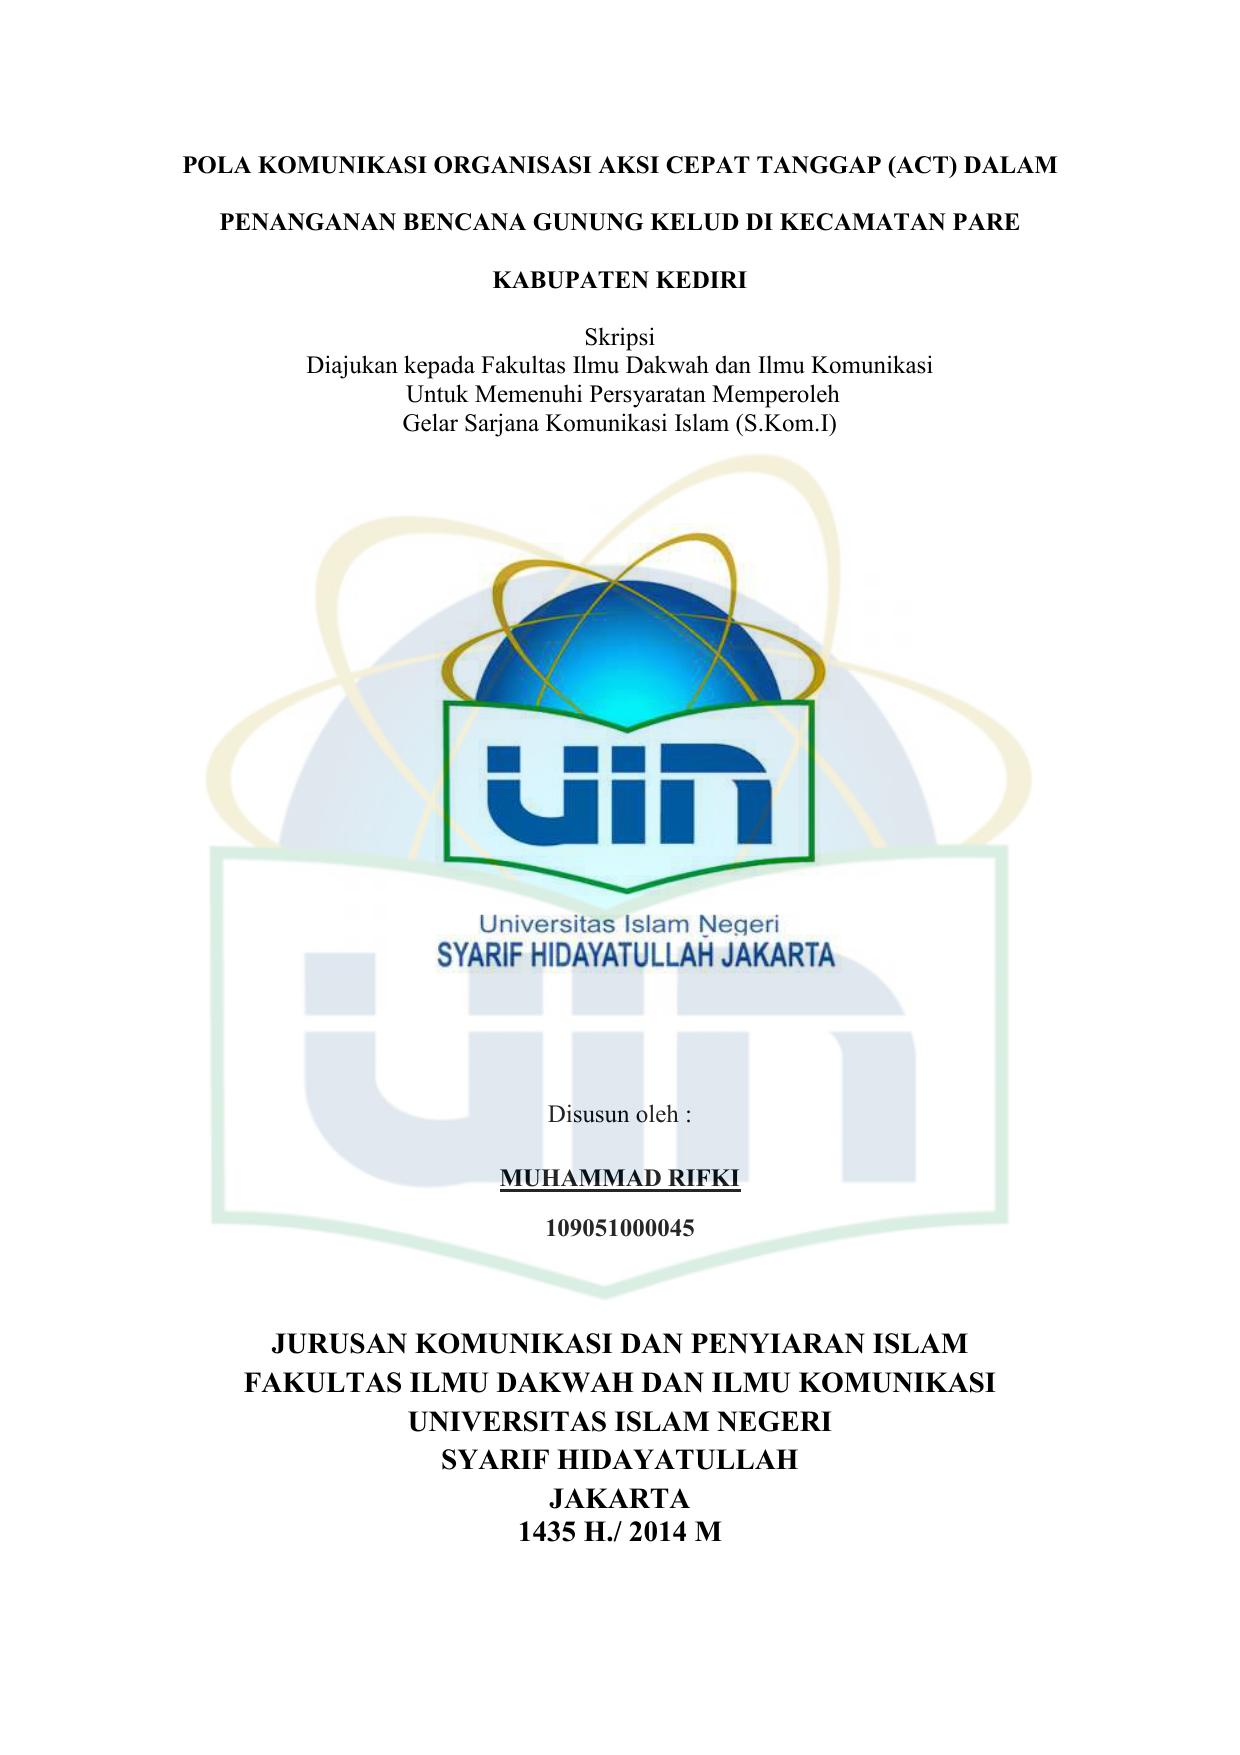 Jurusan Komunikasi Dan Penyiaran Islam Fakultas